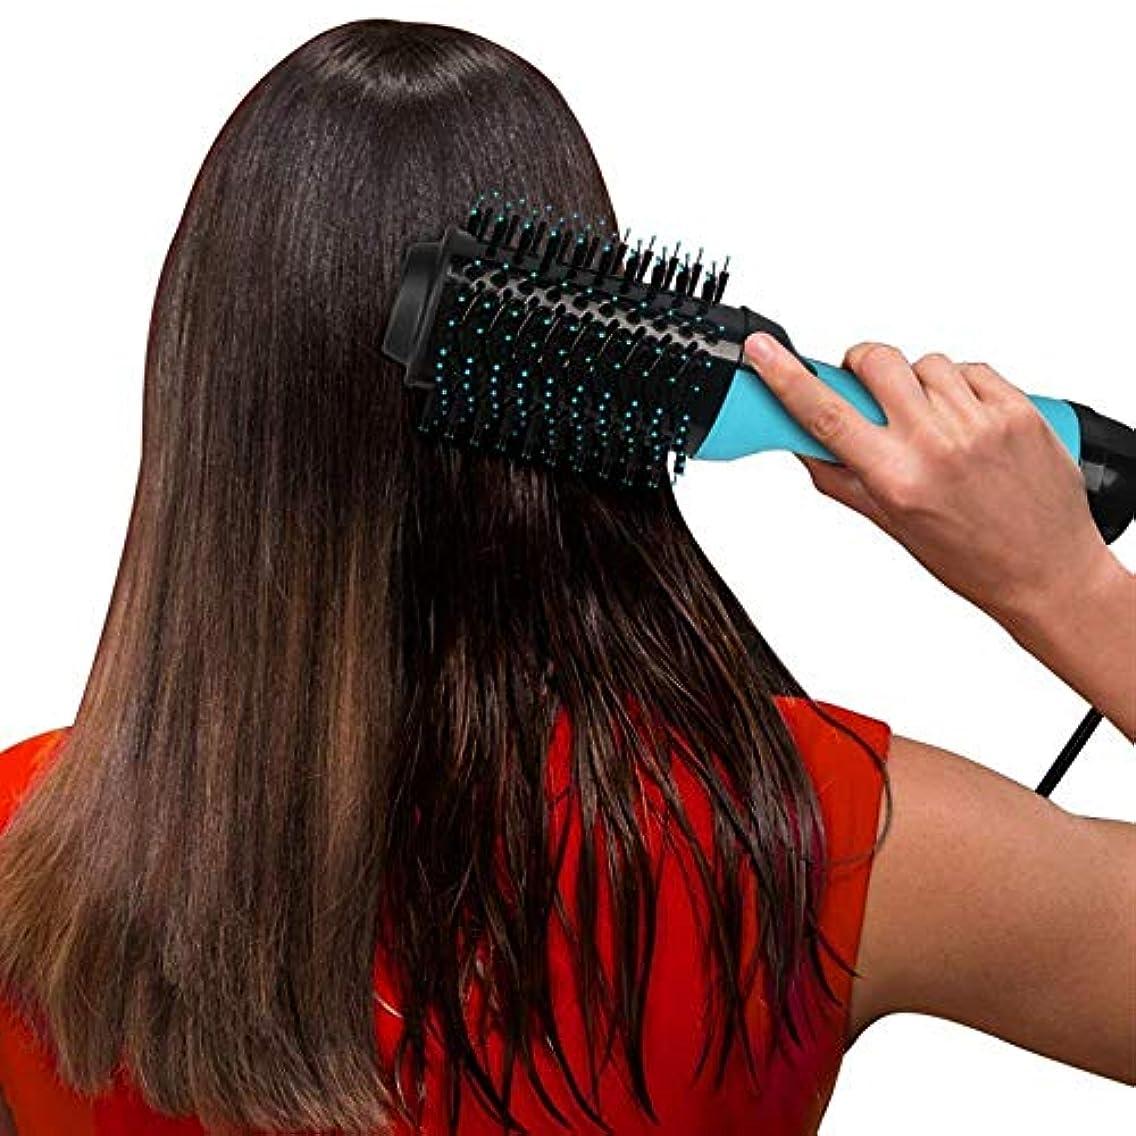 ニュージーランド視線アシュリータファーマンZYDP すべての毛のタイプのための小型サイズのドライヤーのストレートナのエアブラシ (色 : 青)